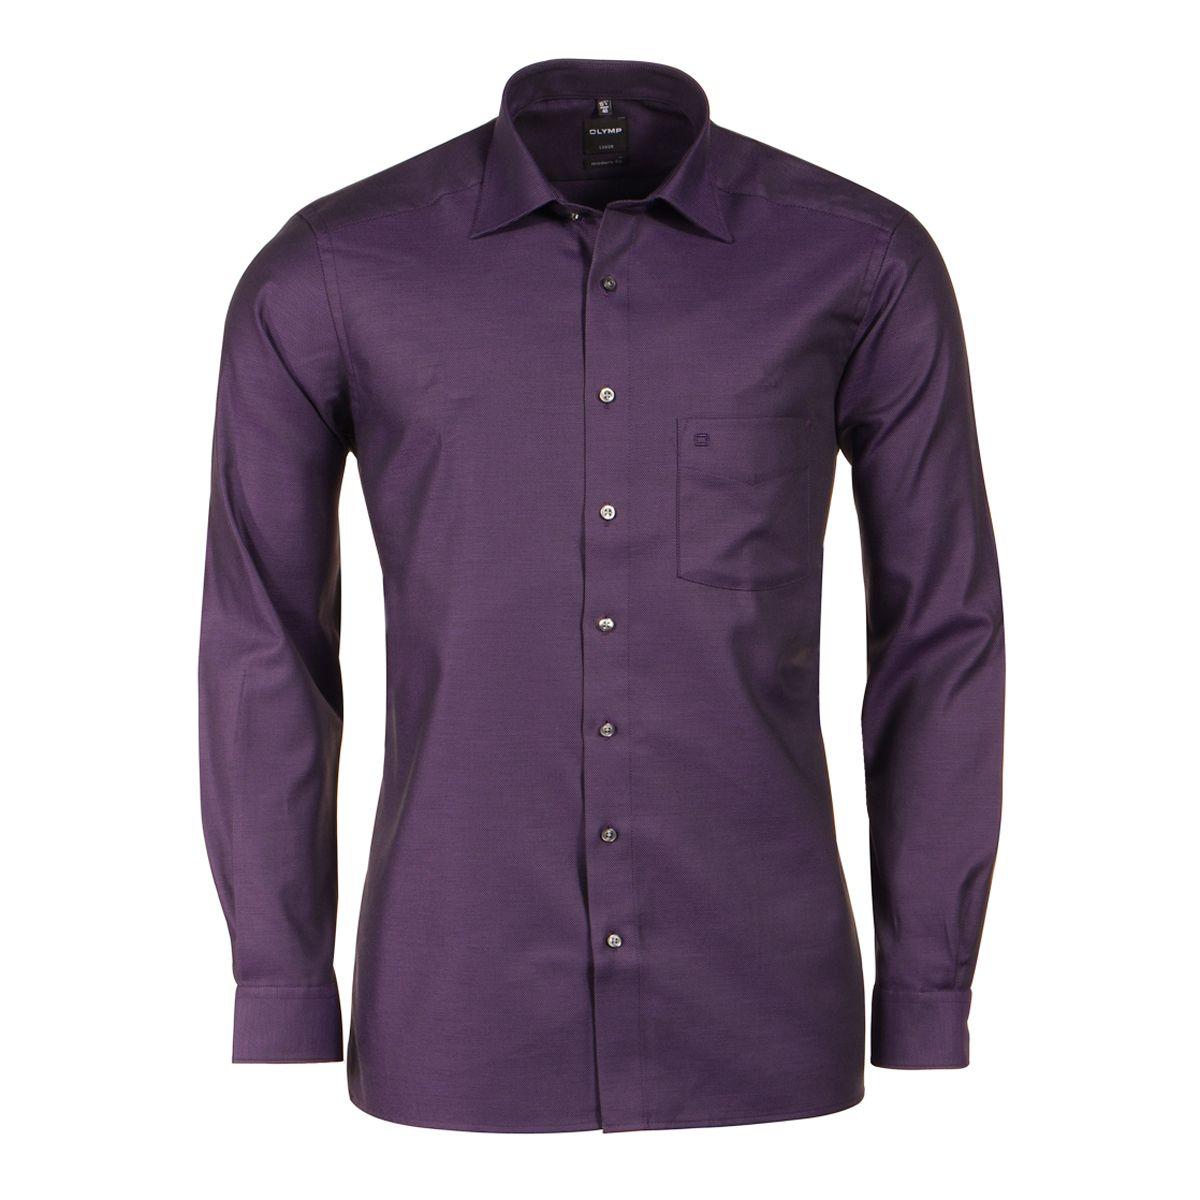 chemise violette fantaisie noire semi cintr e manches. Black Bedroom Furniture Sets. Home Design Ideas